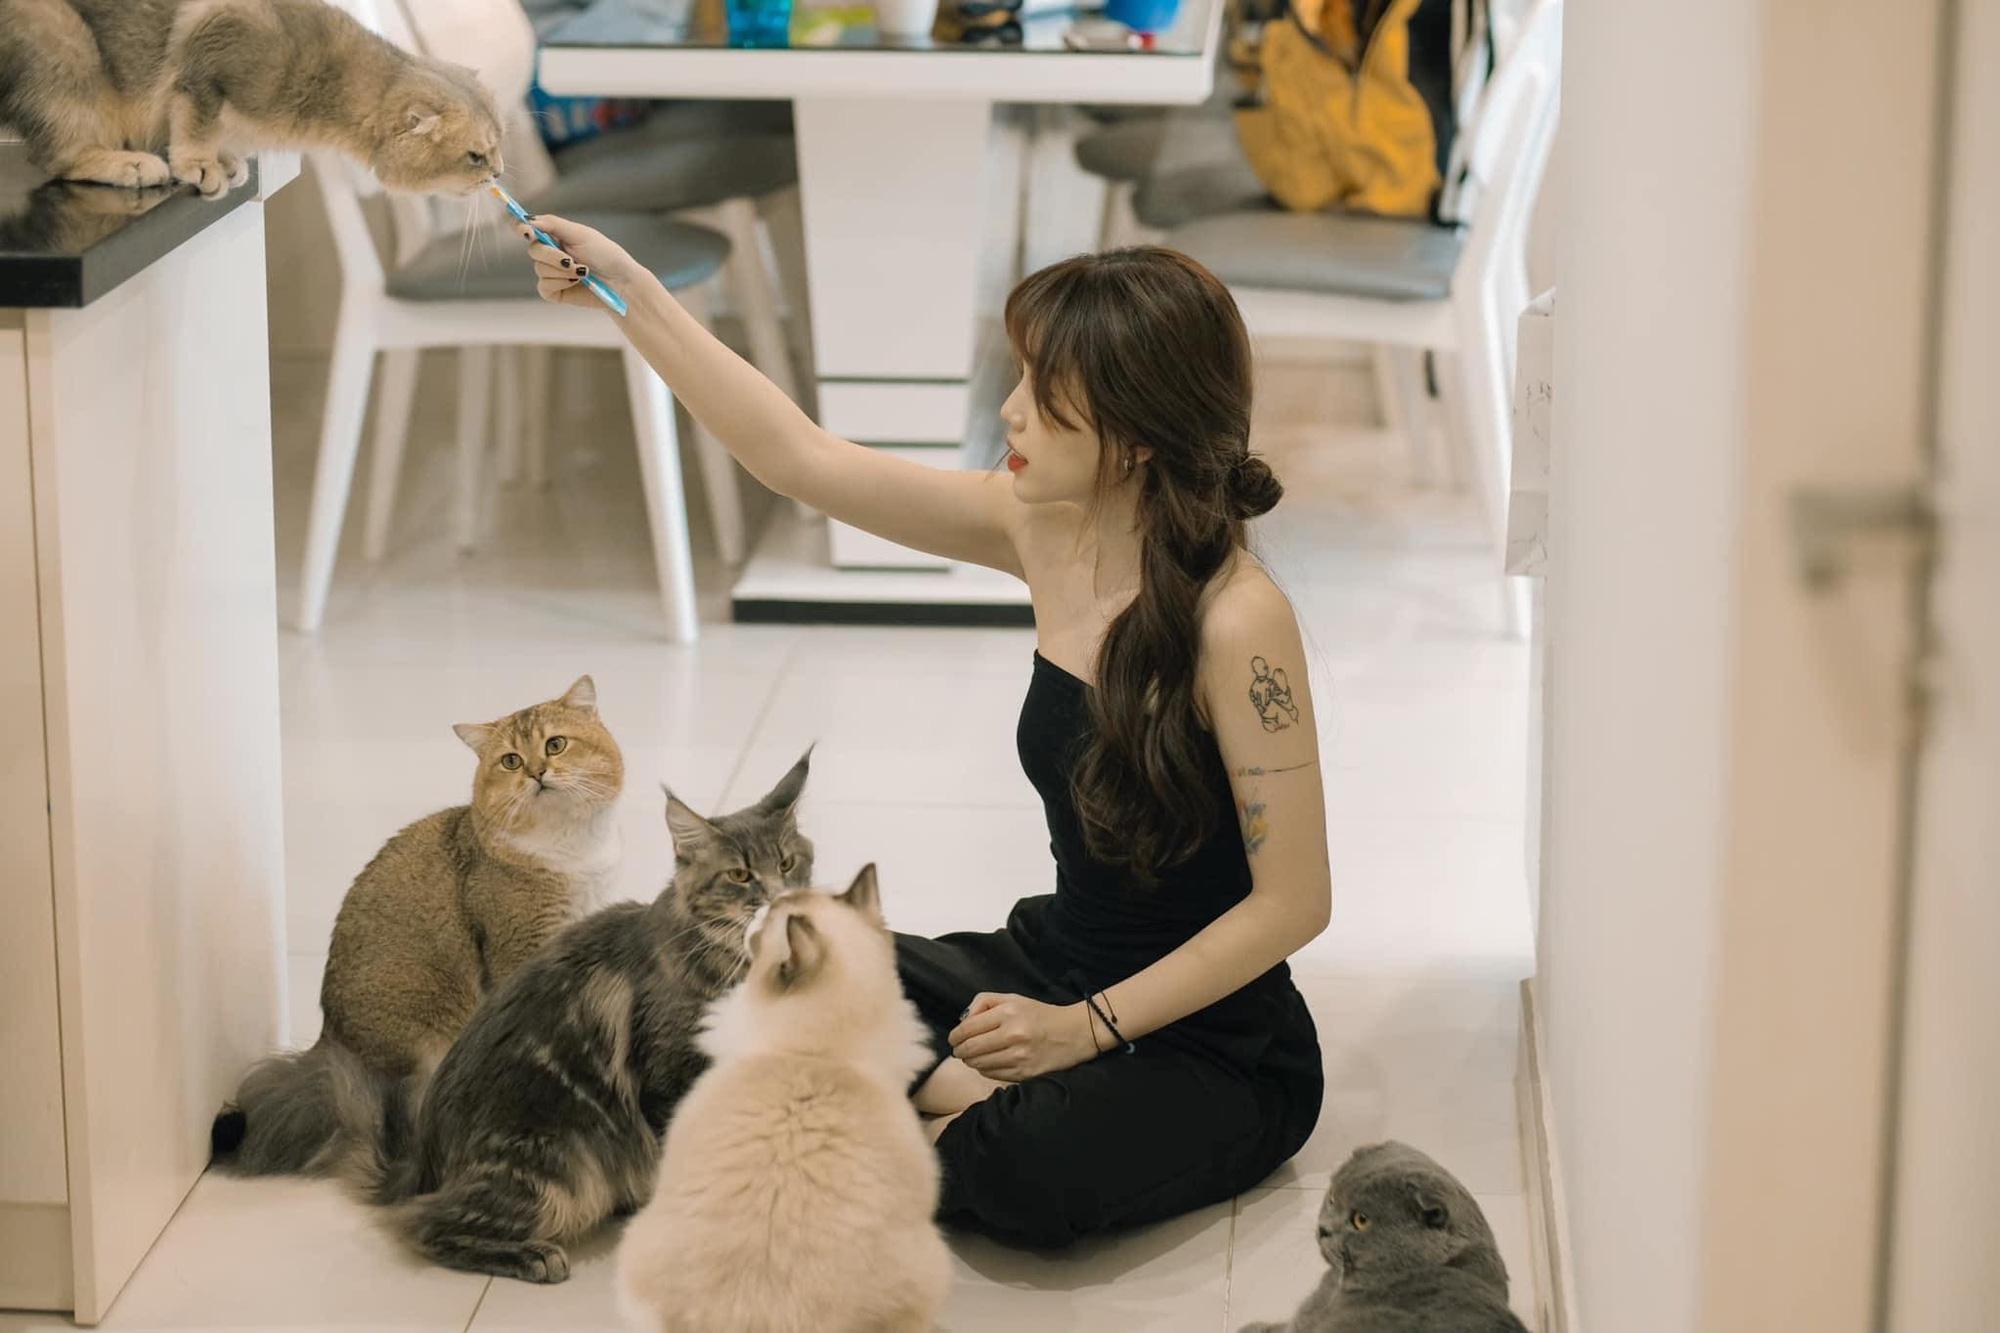 Streamer giàu có sở thích đốt tiền: Độ Mixi chơi mô hình tiền tỷ, Linh Ngọc Đàm nuôi mèo hàng trăm triệu đồng - Ảnh 8.